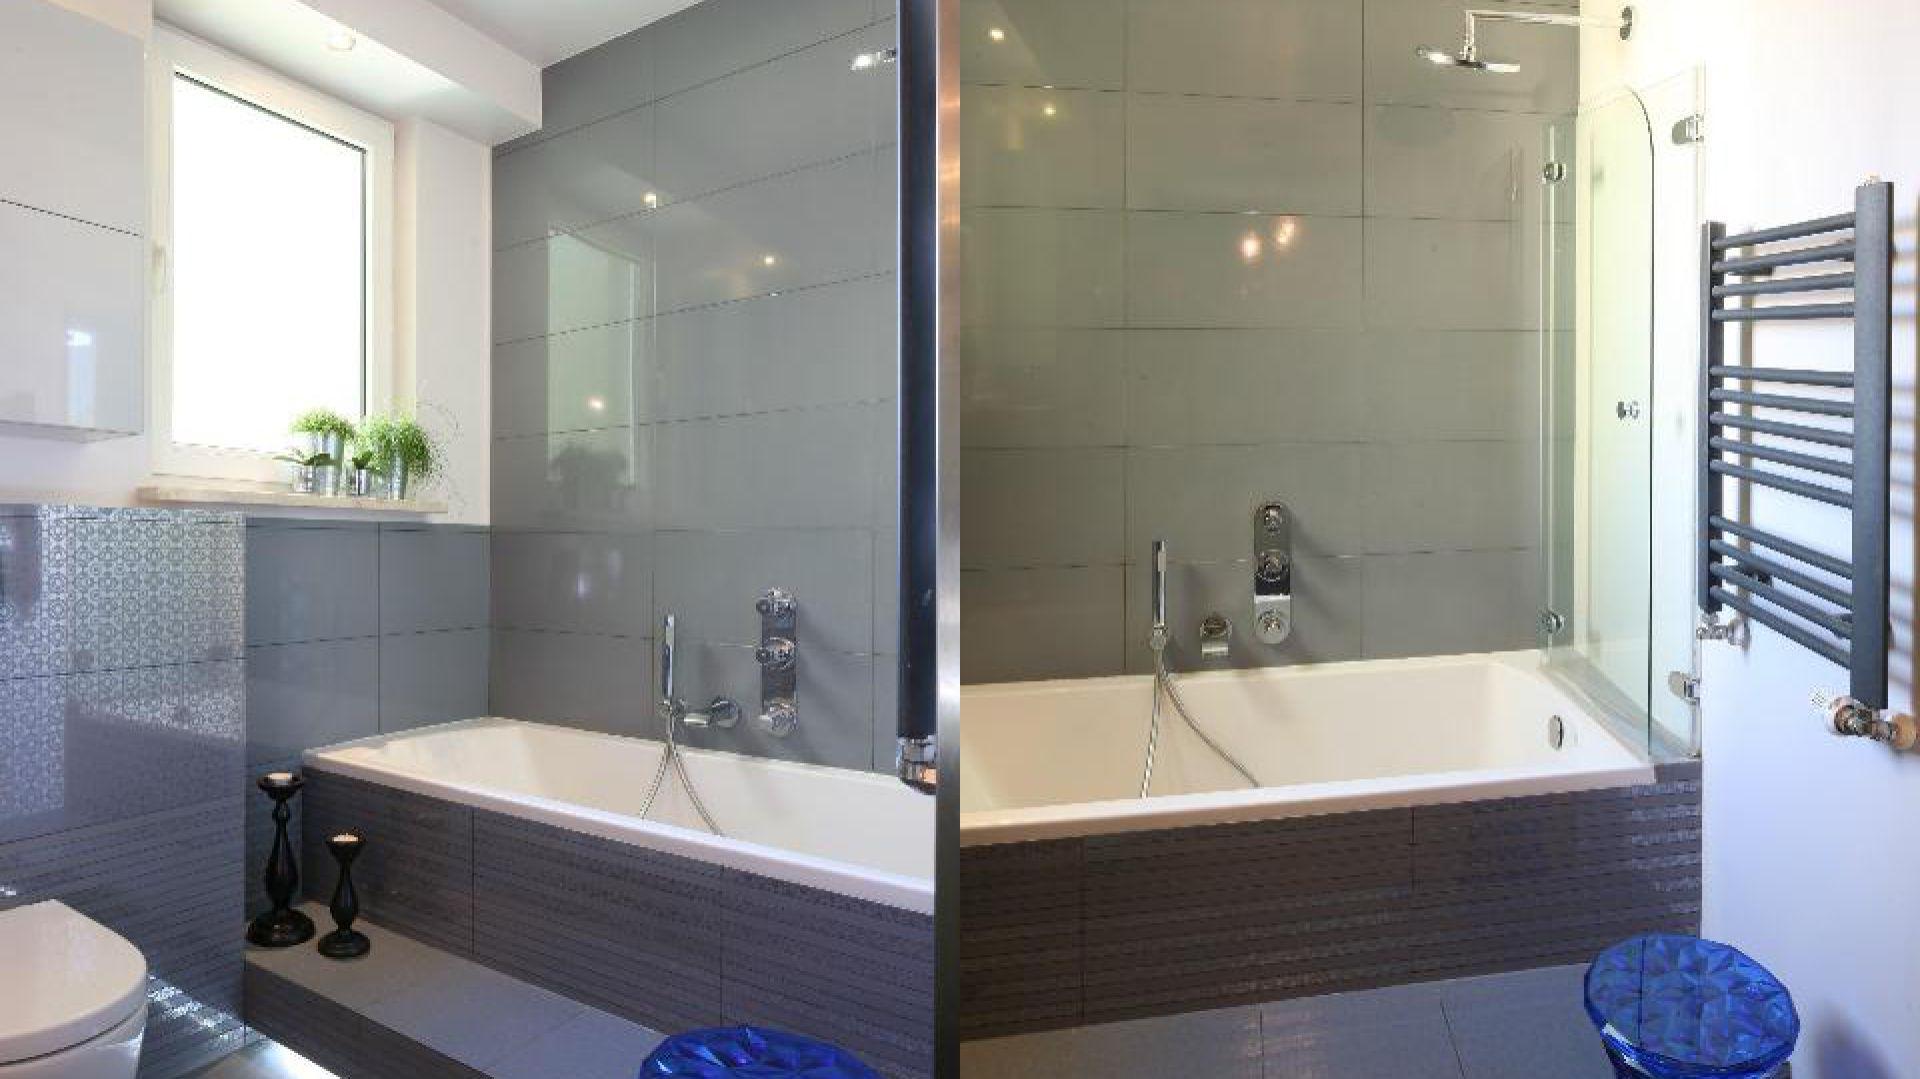 Mała łazienka Wybierz Wannę Z Parawanem